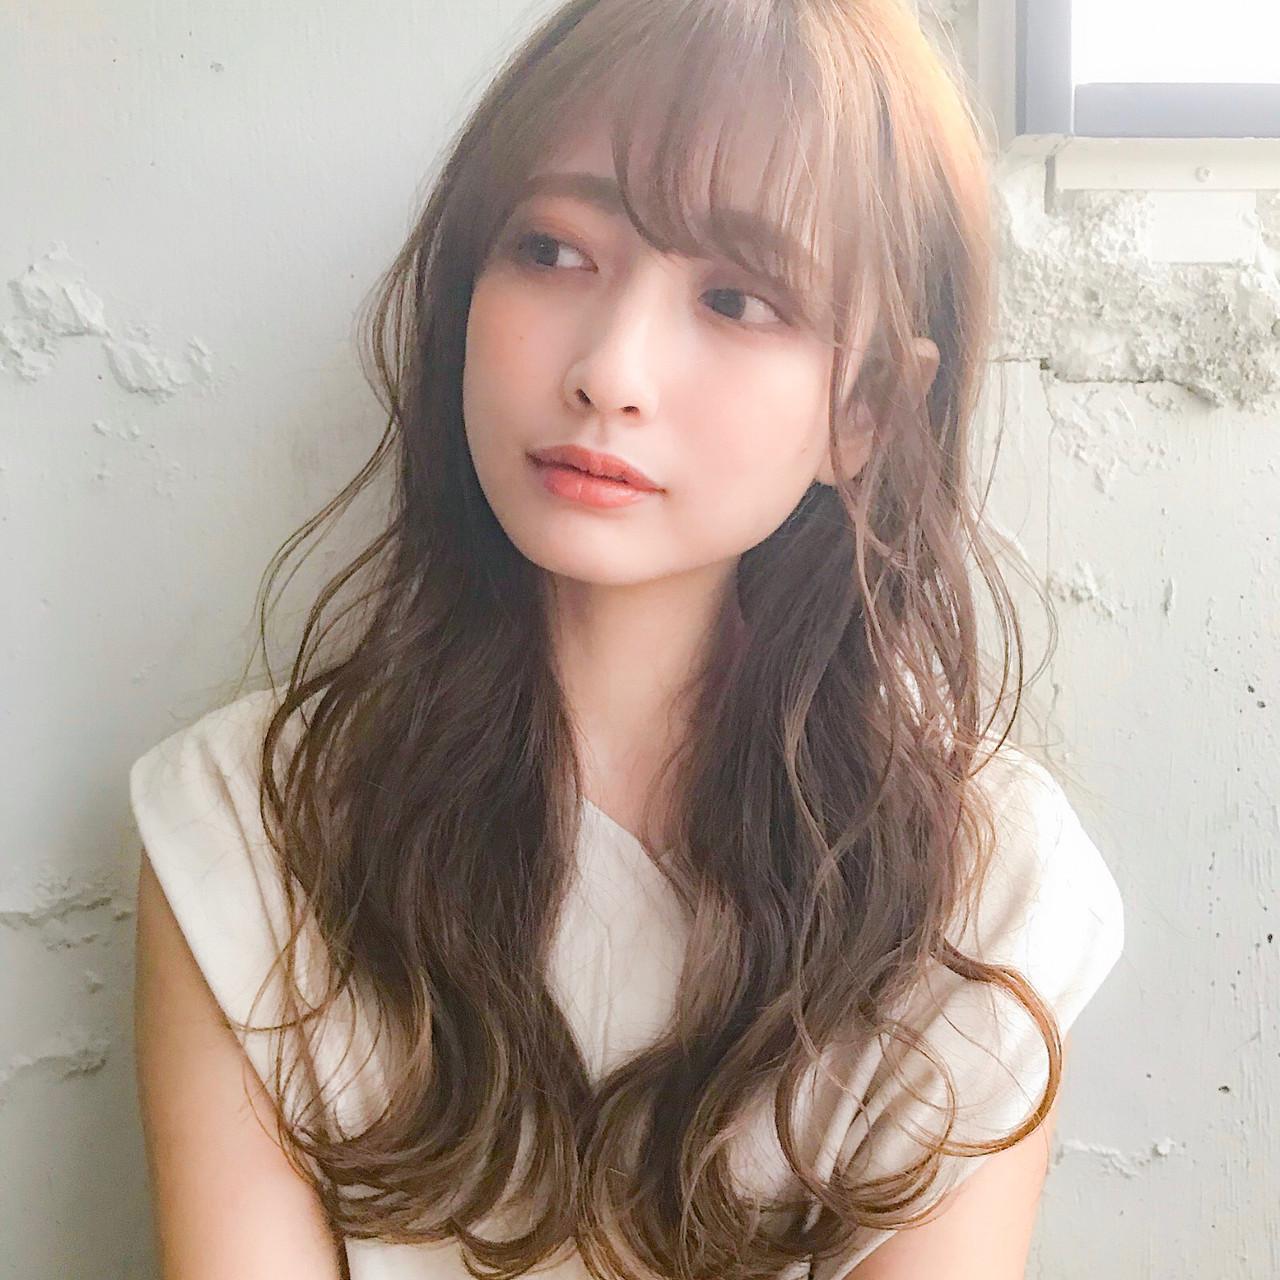 巻き髪 ゆるふわパーマ シースルーバング セミロング ヘアスタイルや髪型の写真・画像